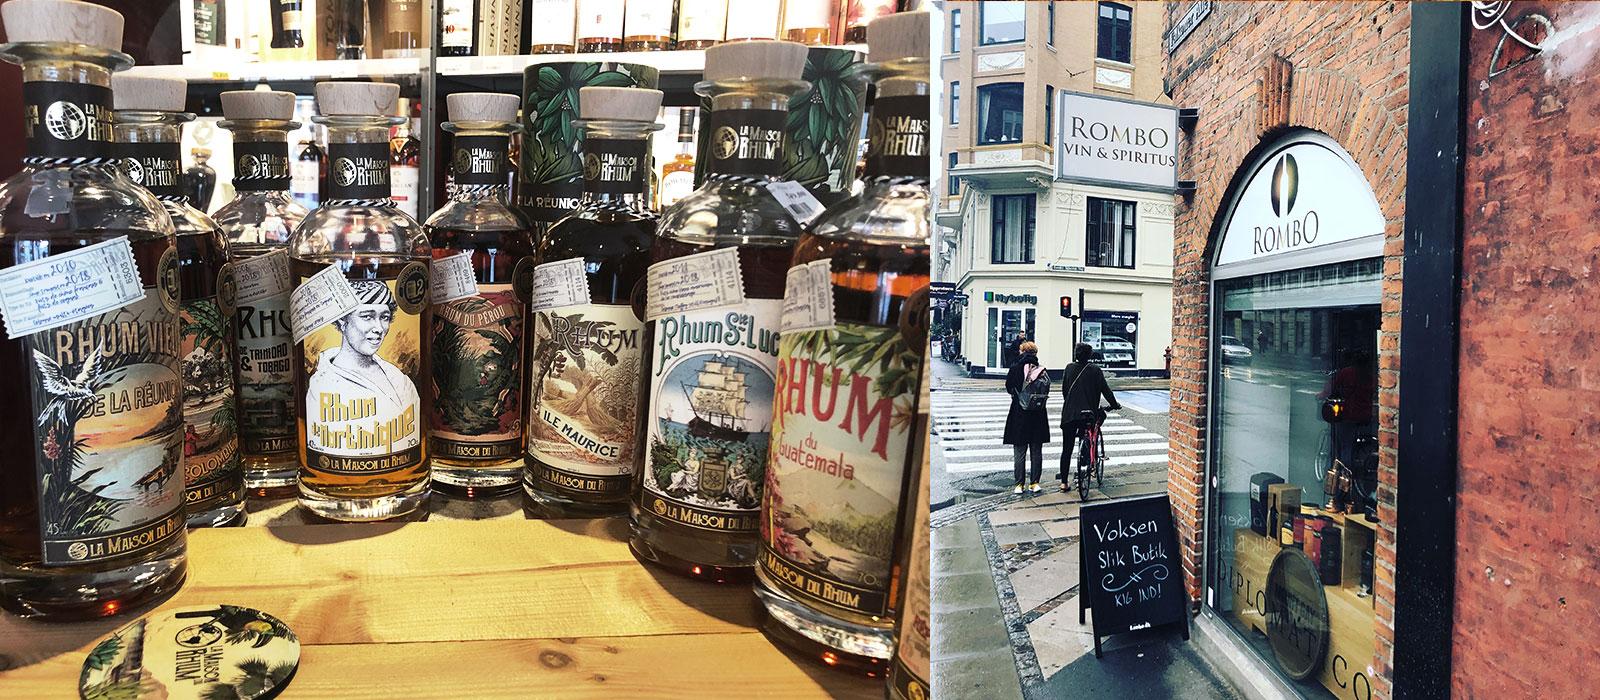 Besök i Rombos butik i juli